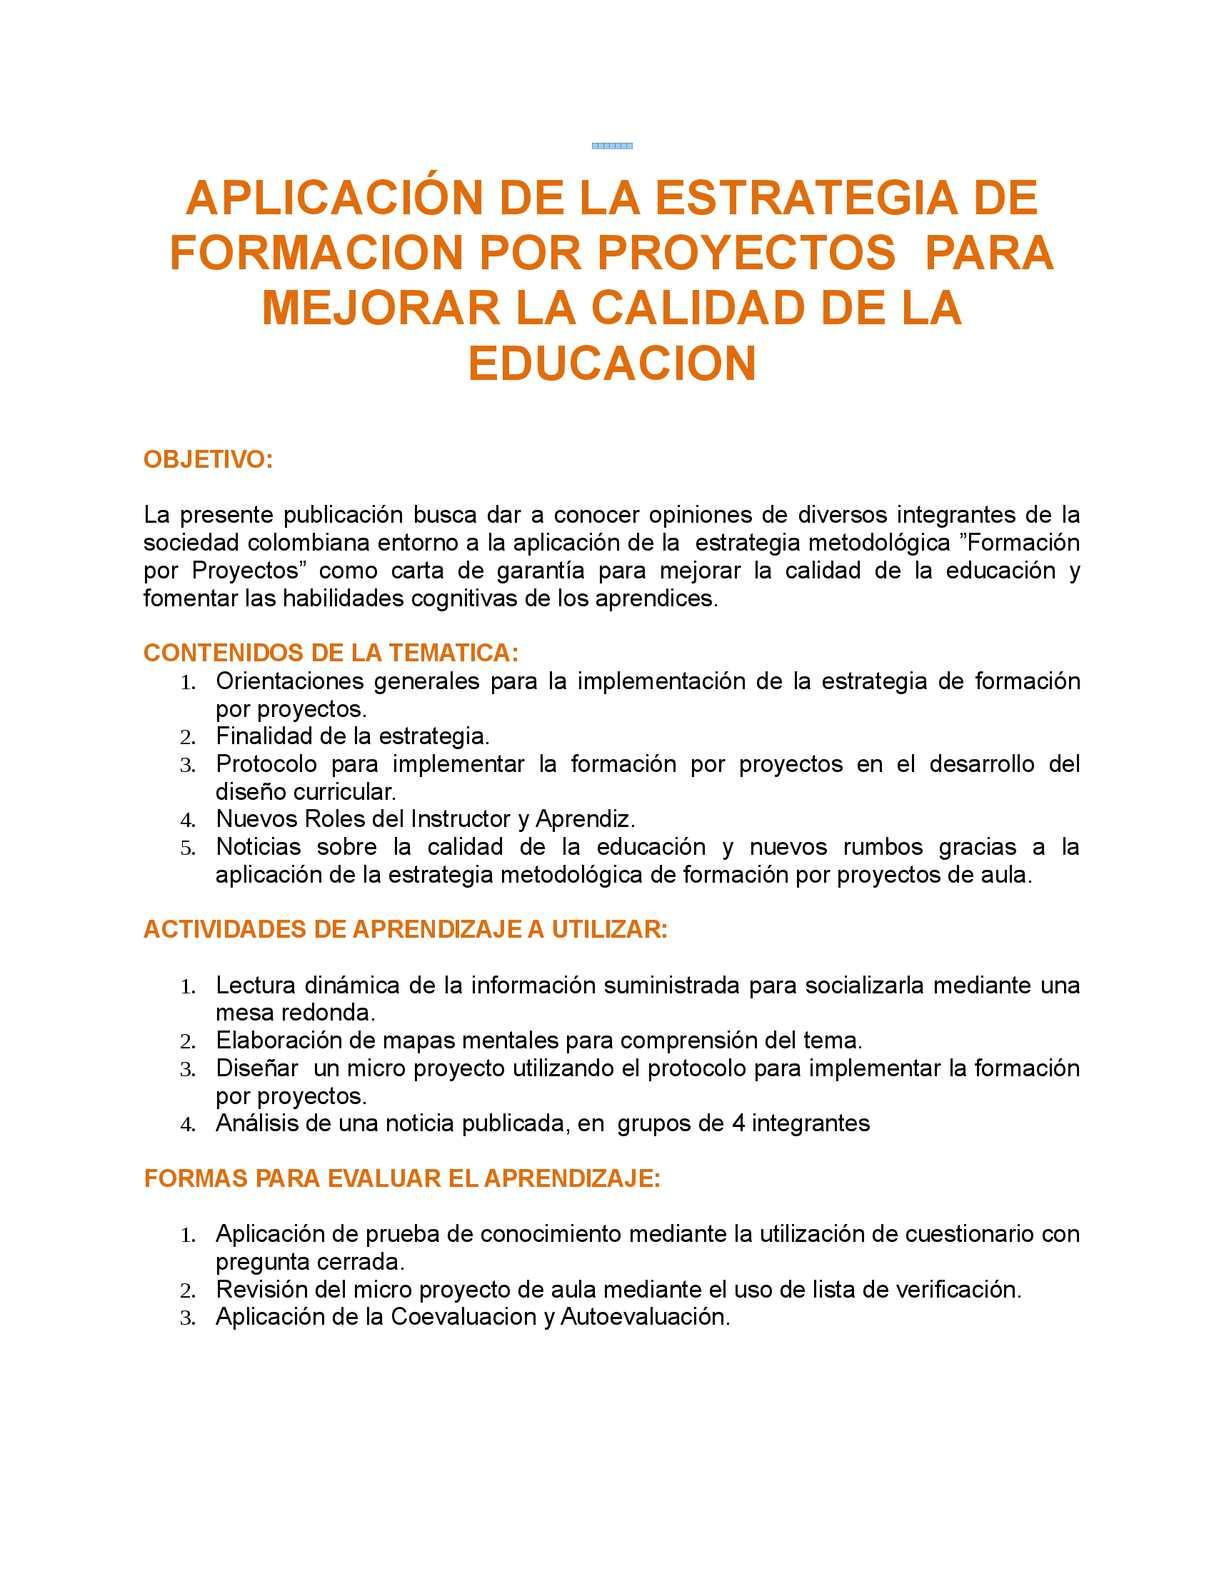 Calaméo - APLICACIÓN DE LA ESTRATEGIA DE FORMACION POR PROYECTOS ...